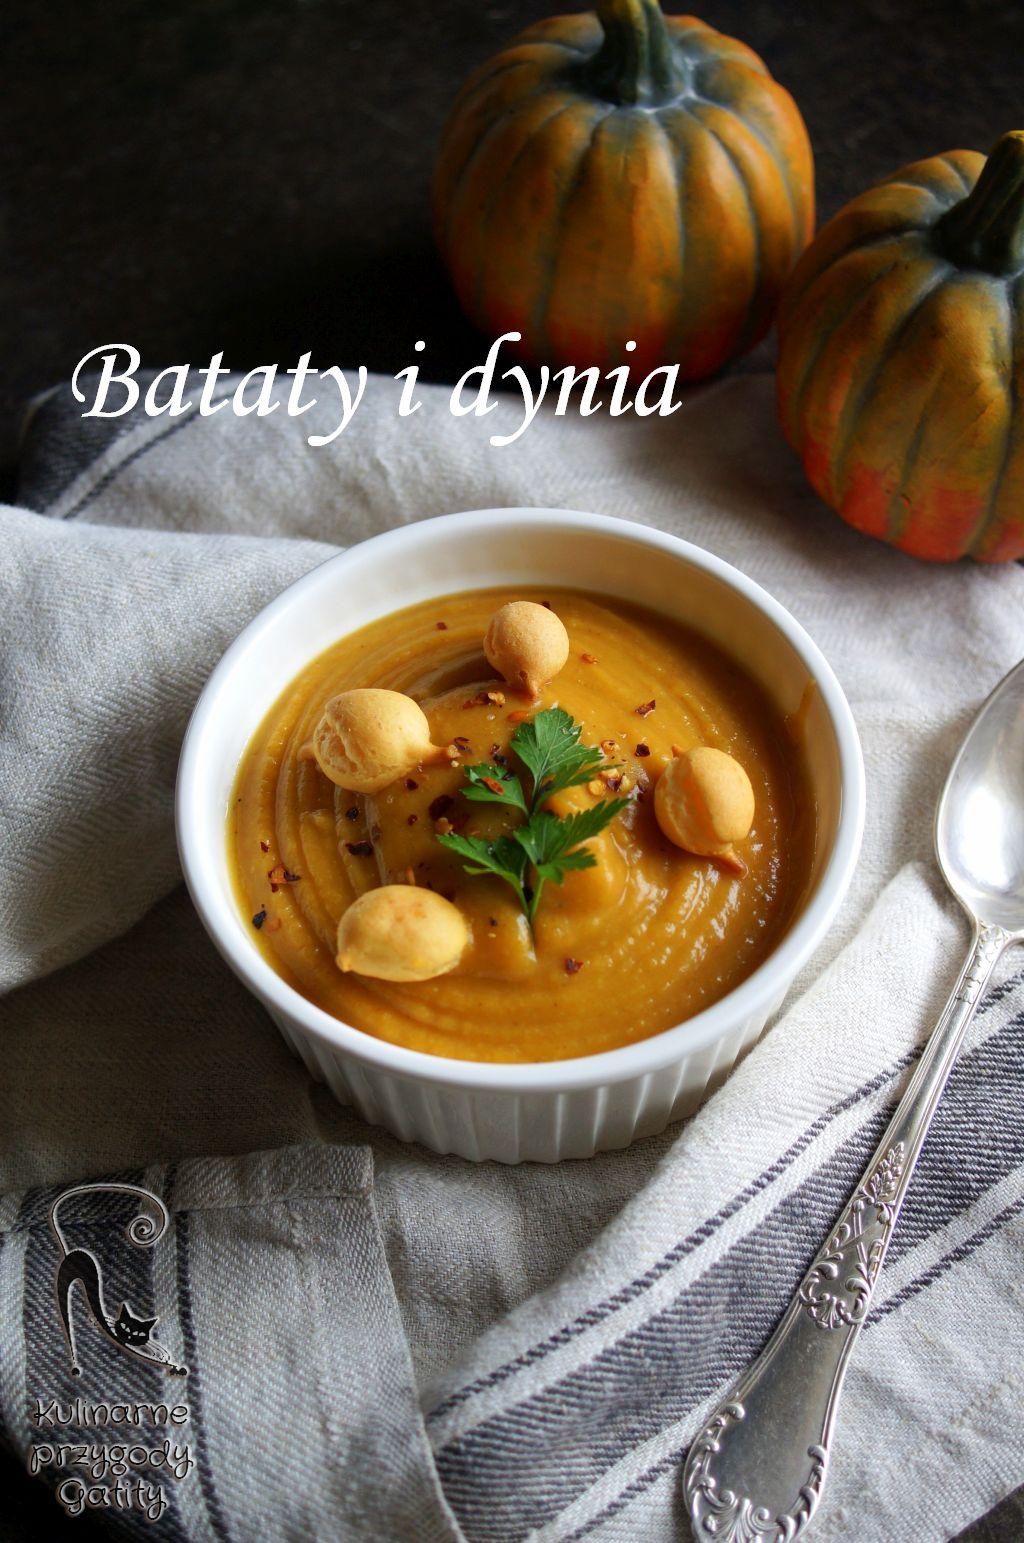 kremowa-zupa-w-misce